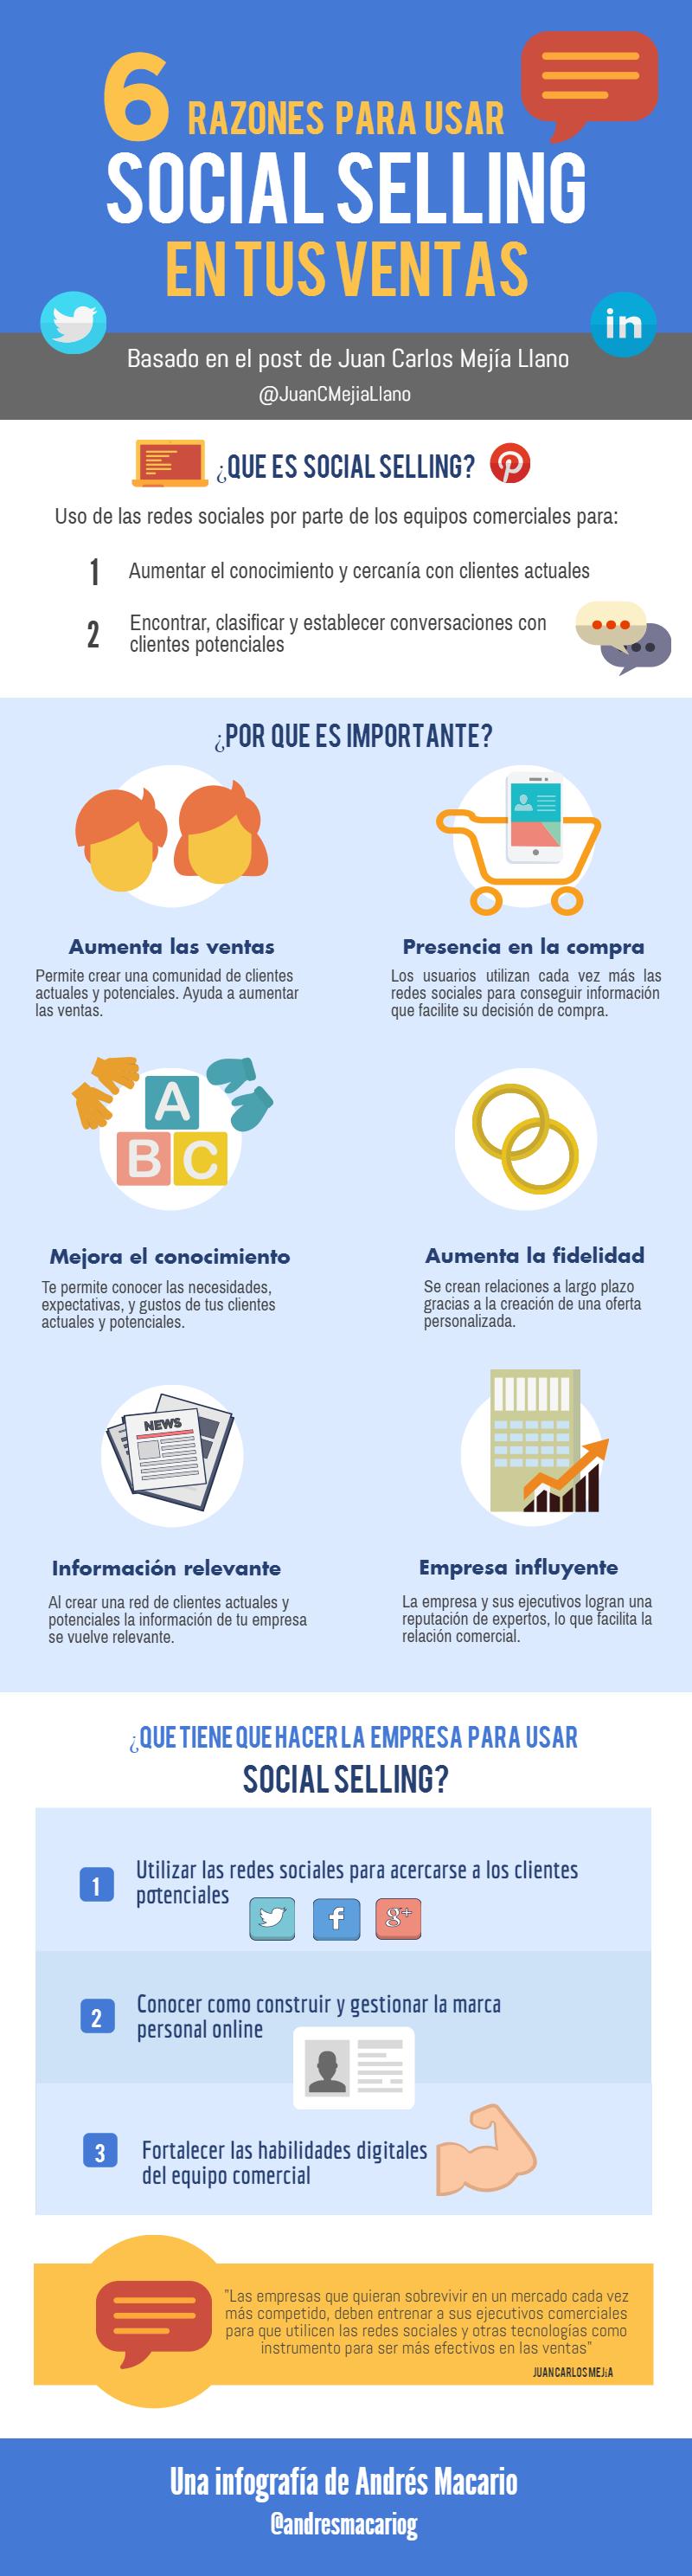 6 Razones para usar Social Selling - Andres Macario (JuanCMejia)